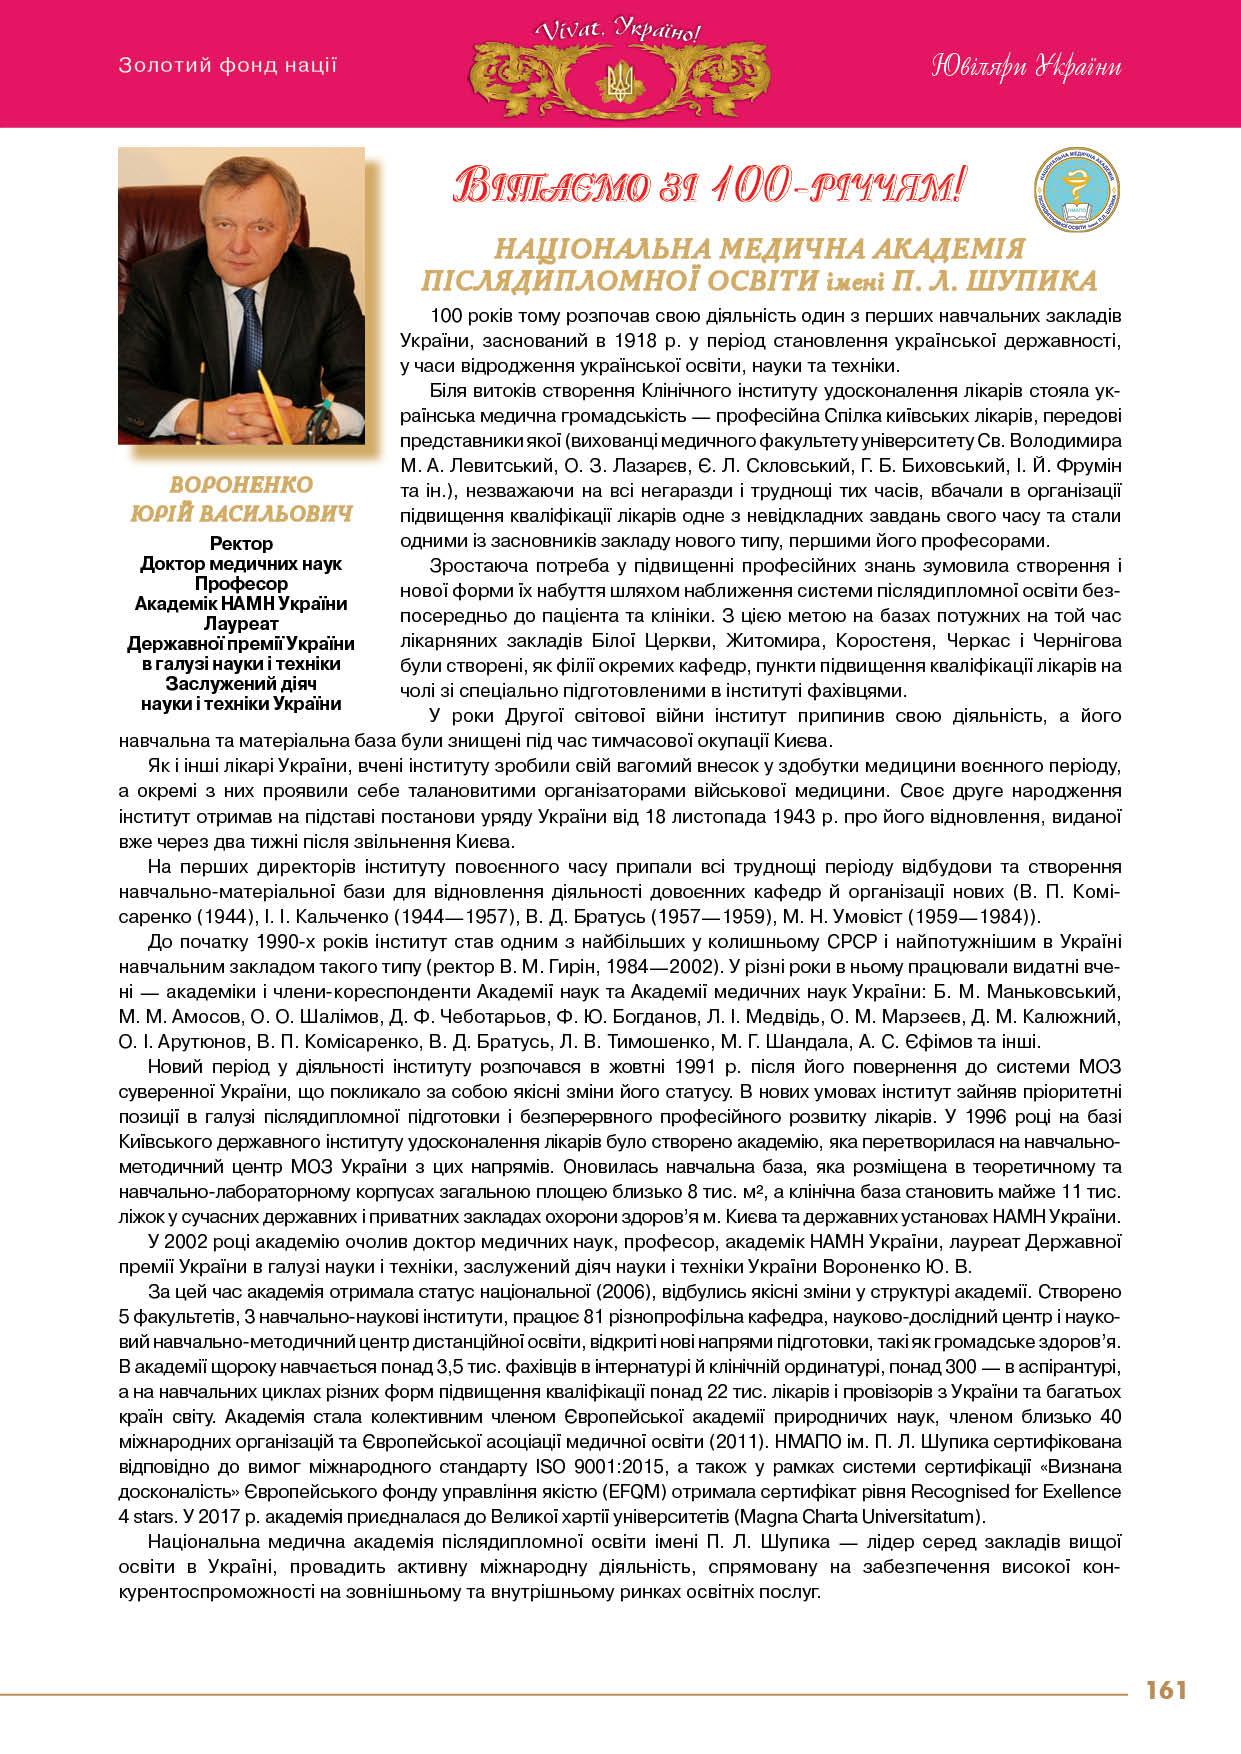 Вороненко Юрій Васильович